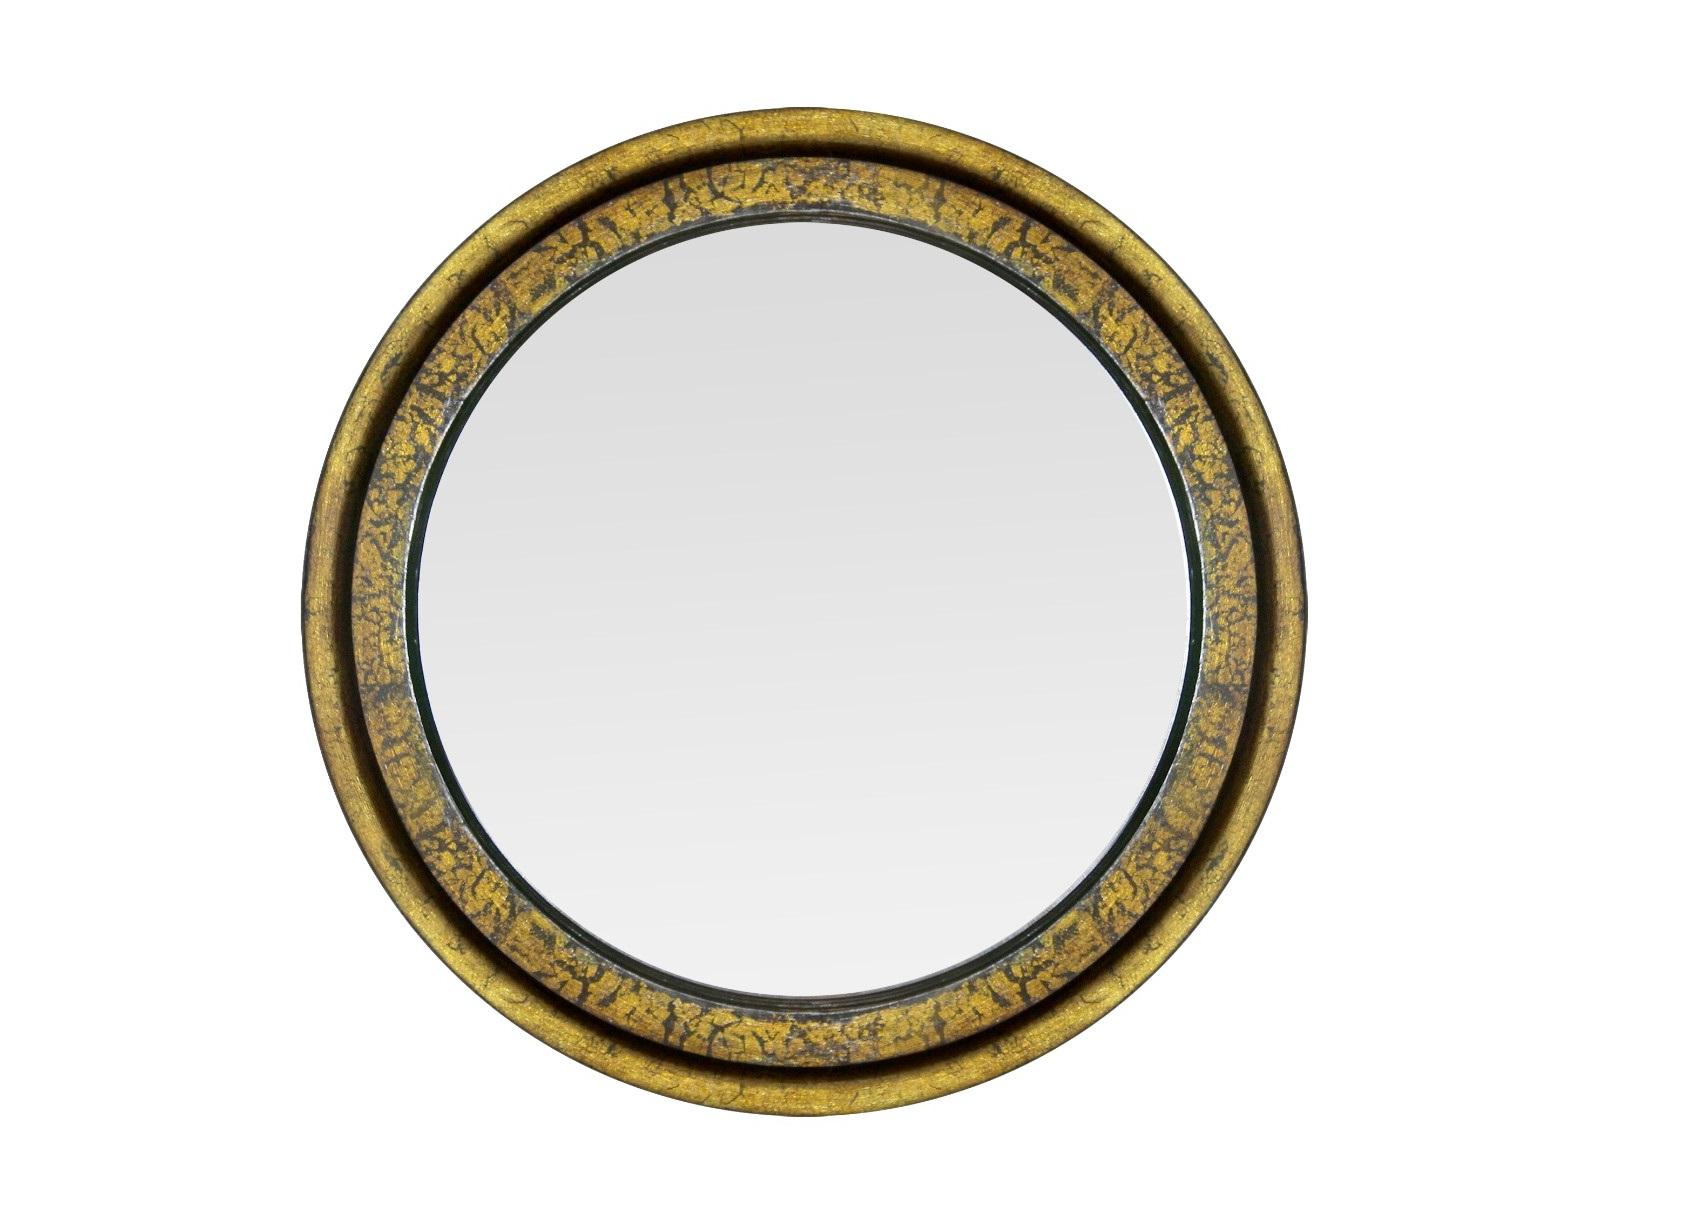 Зеркало BountyHome 15437573 от thefurnish